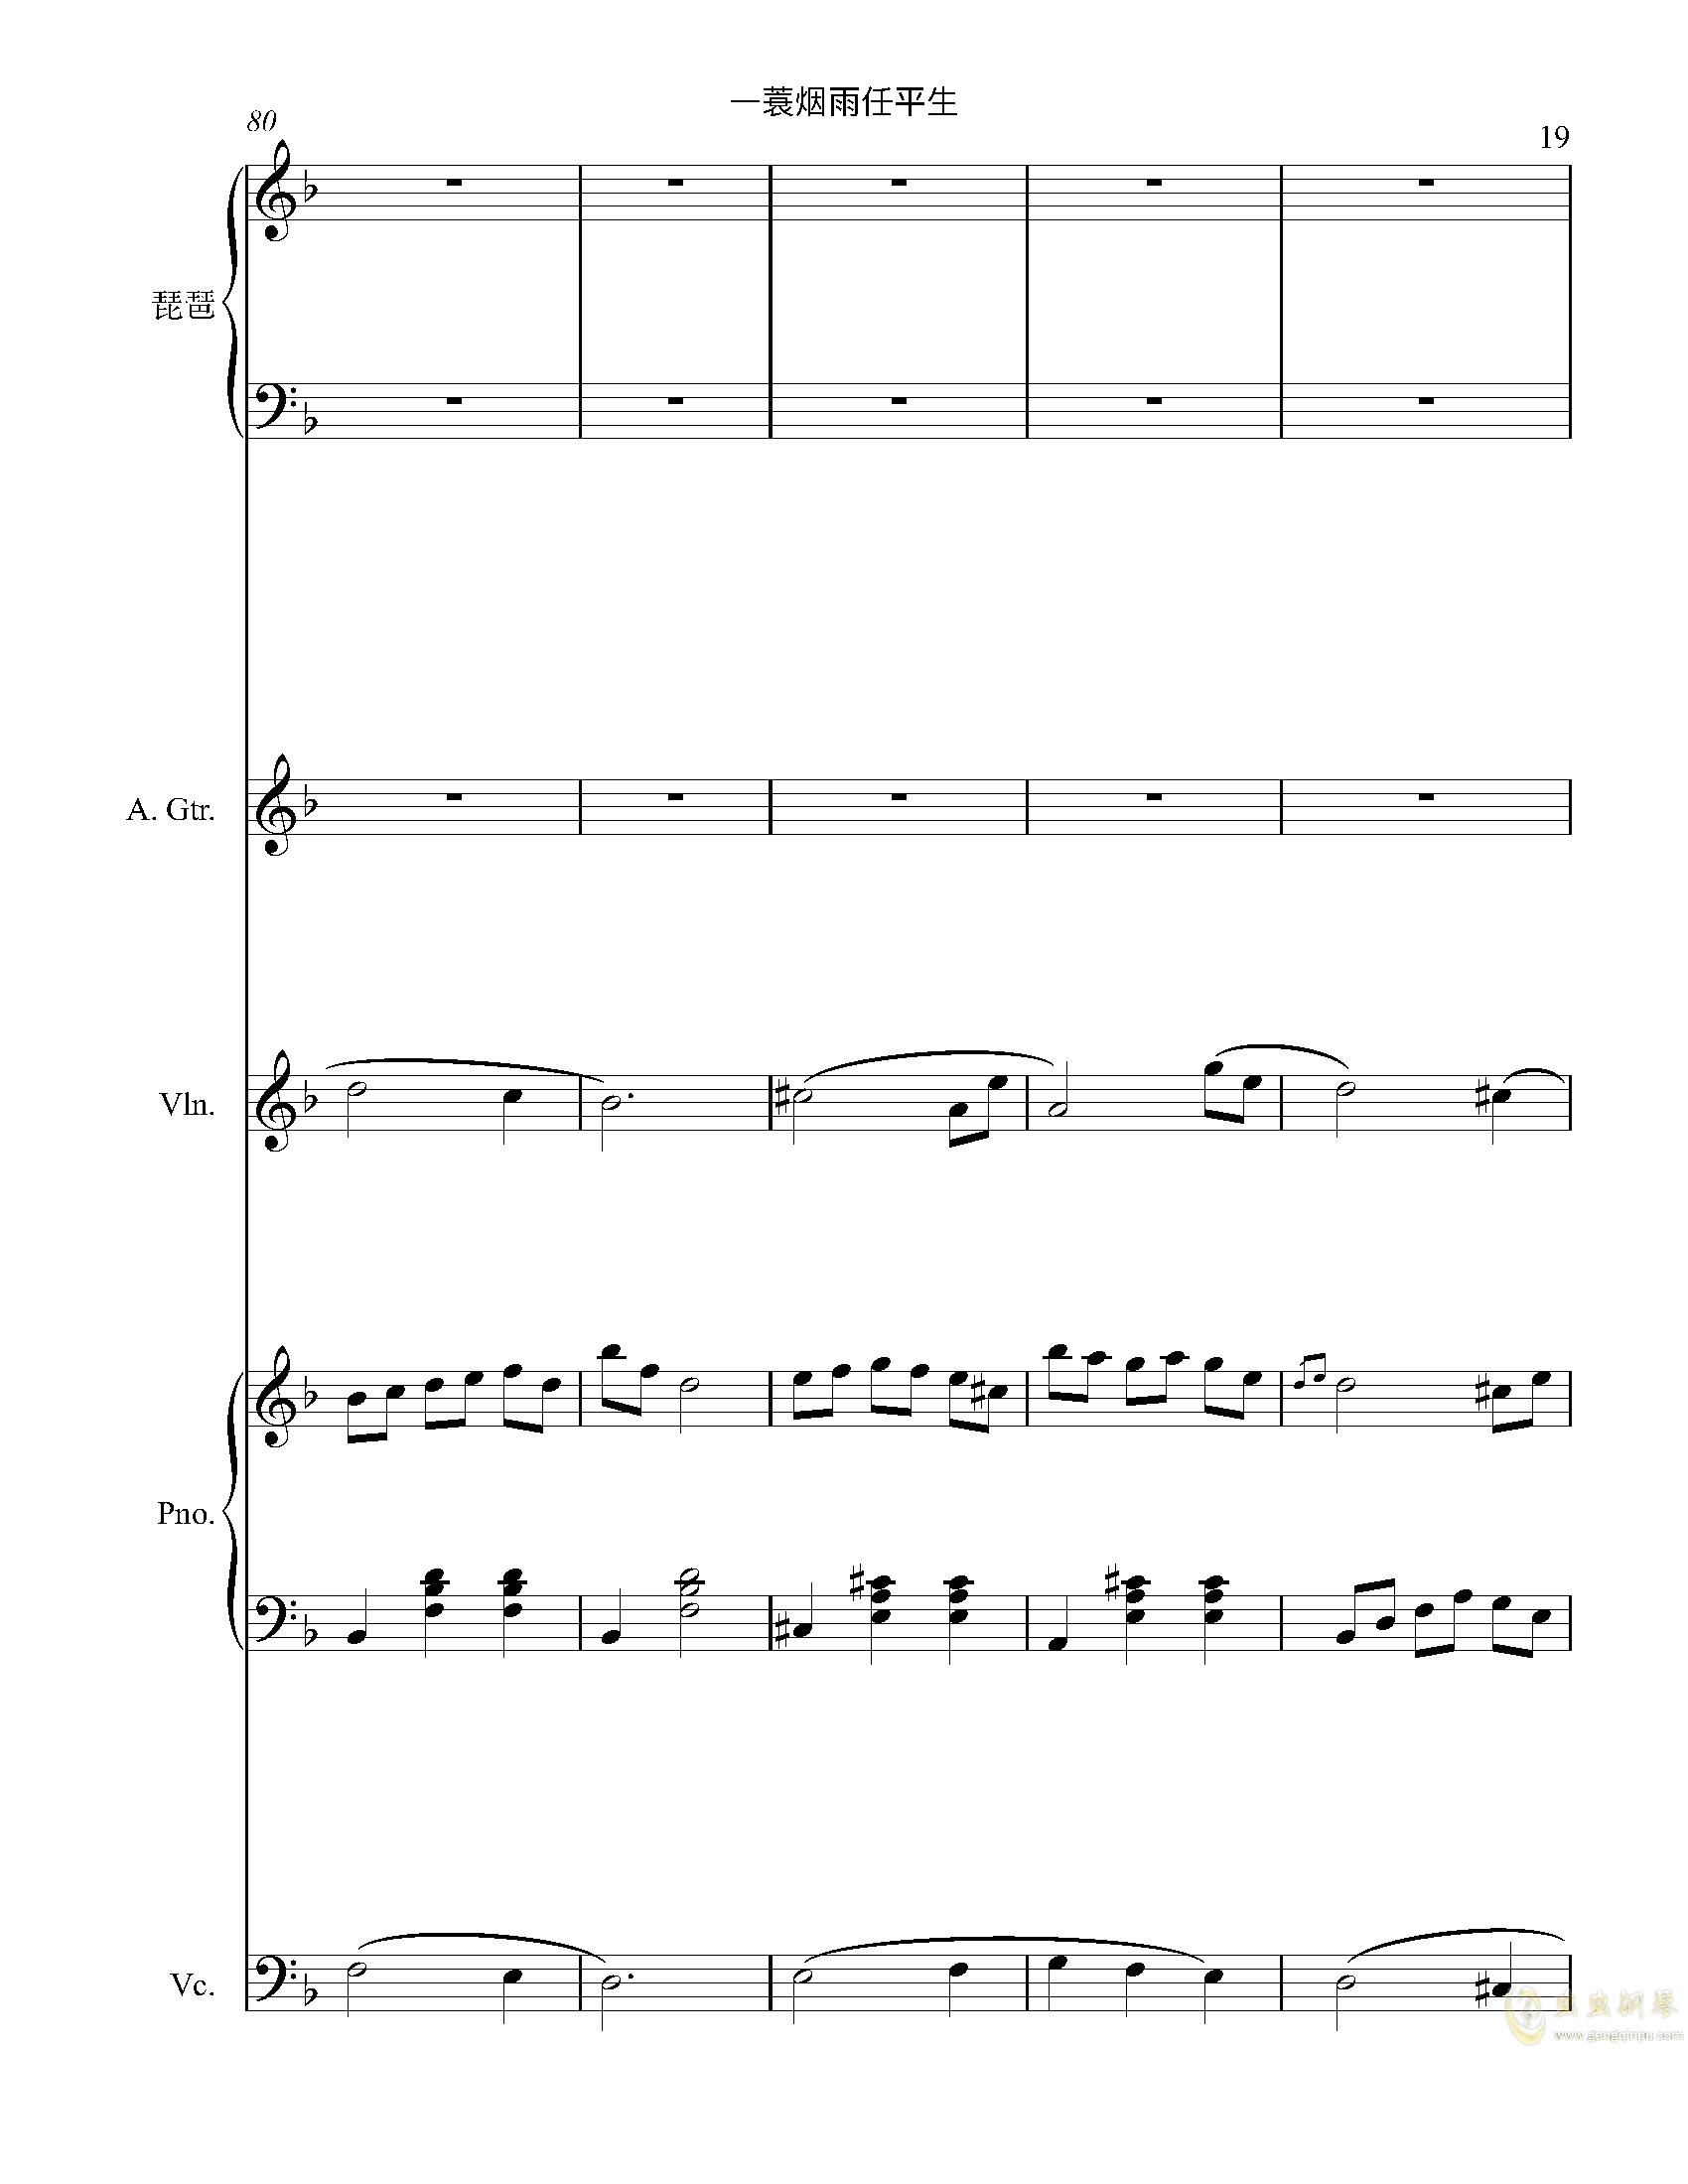 一蓑烟雨任平生钢琴谱 第19页